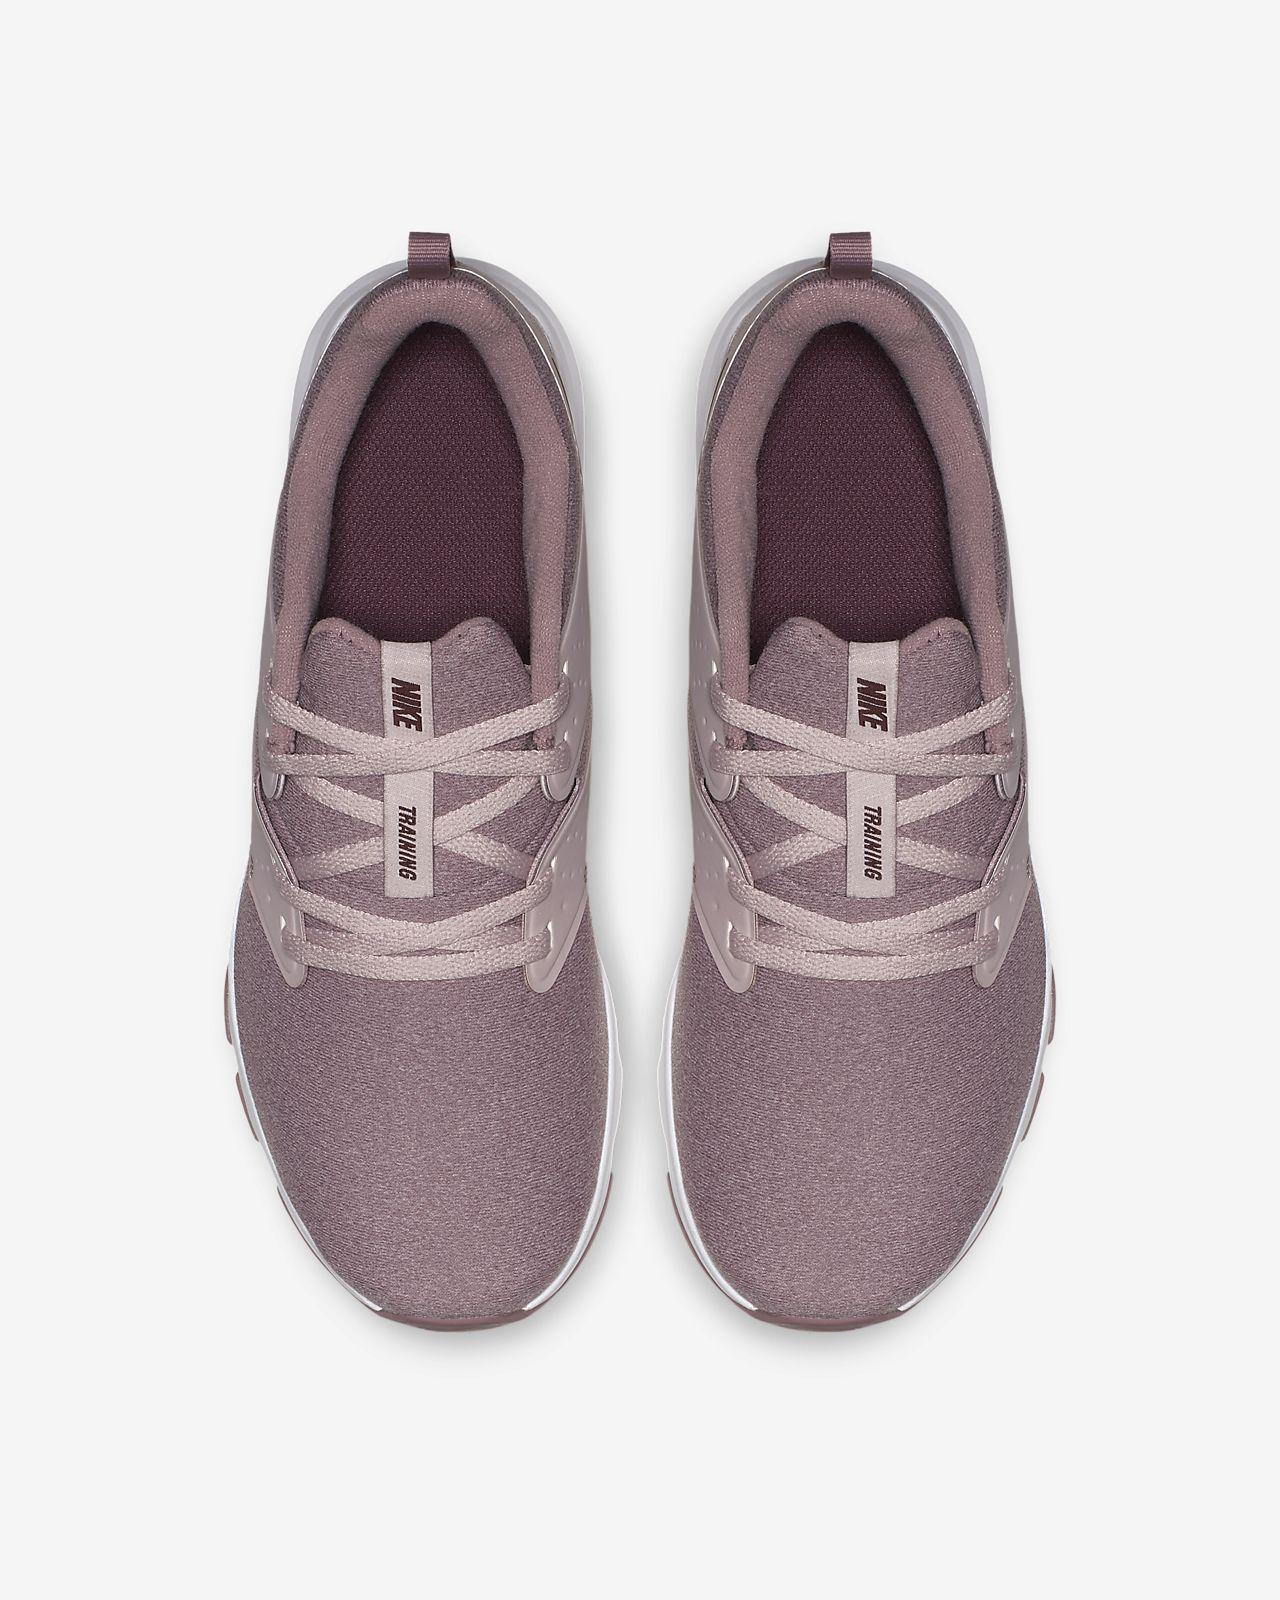 8a4f32e04eb9a7 Nike Air Bella TR AMP Women s Training Shoe. Nike.com BG